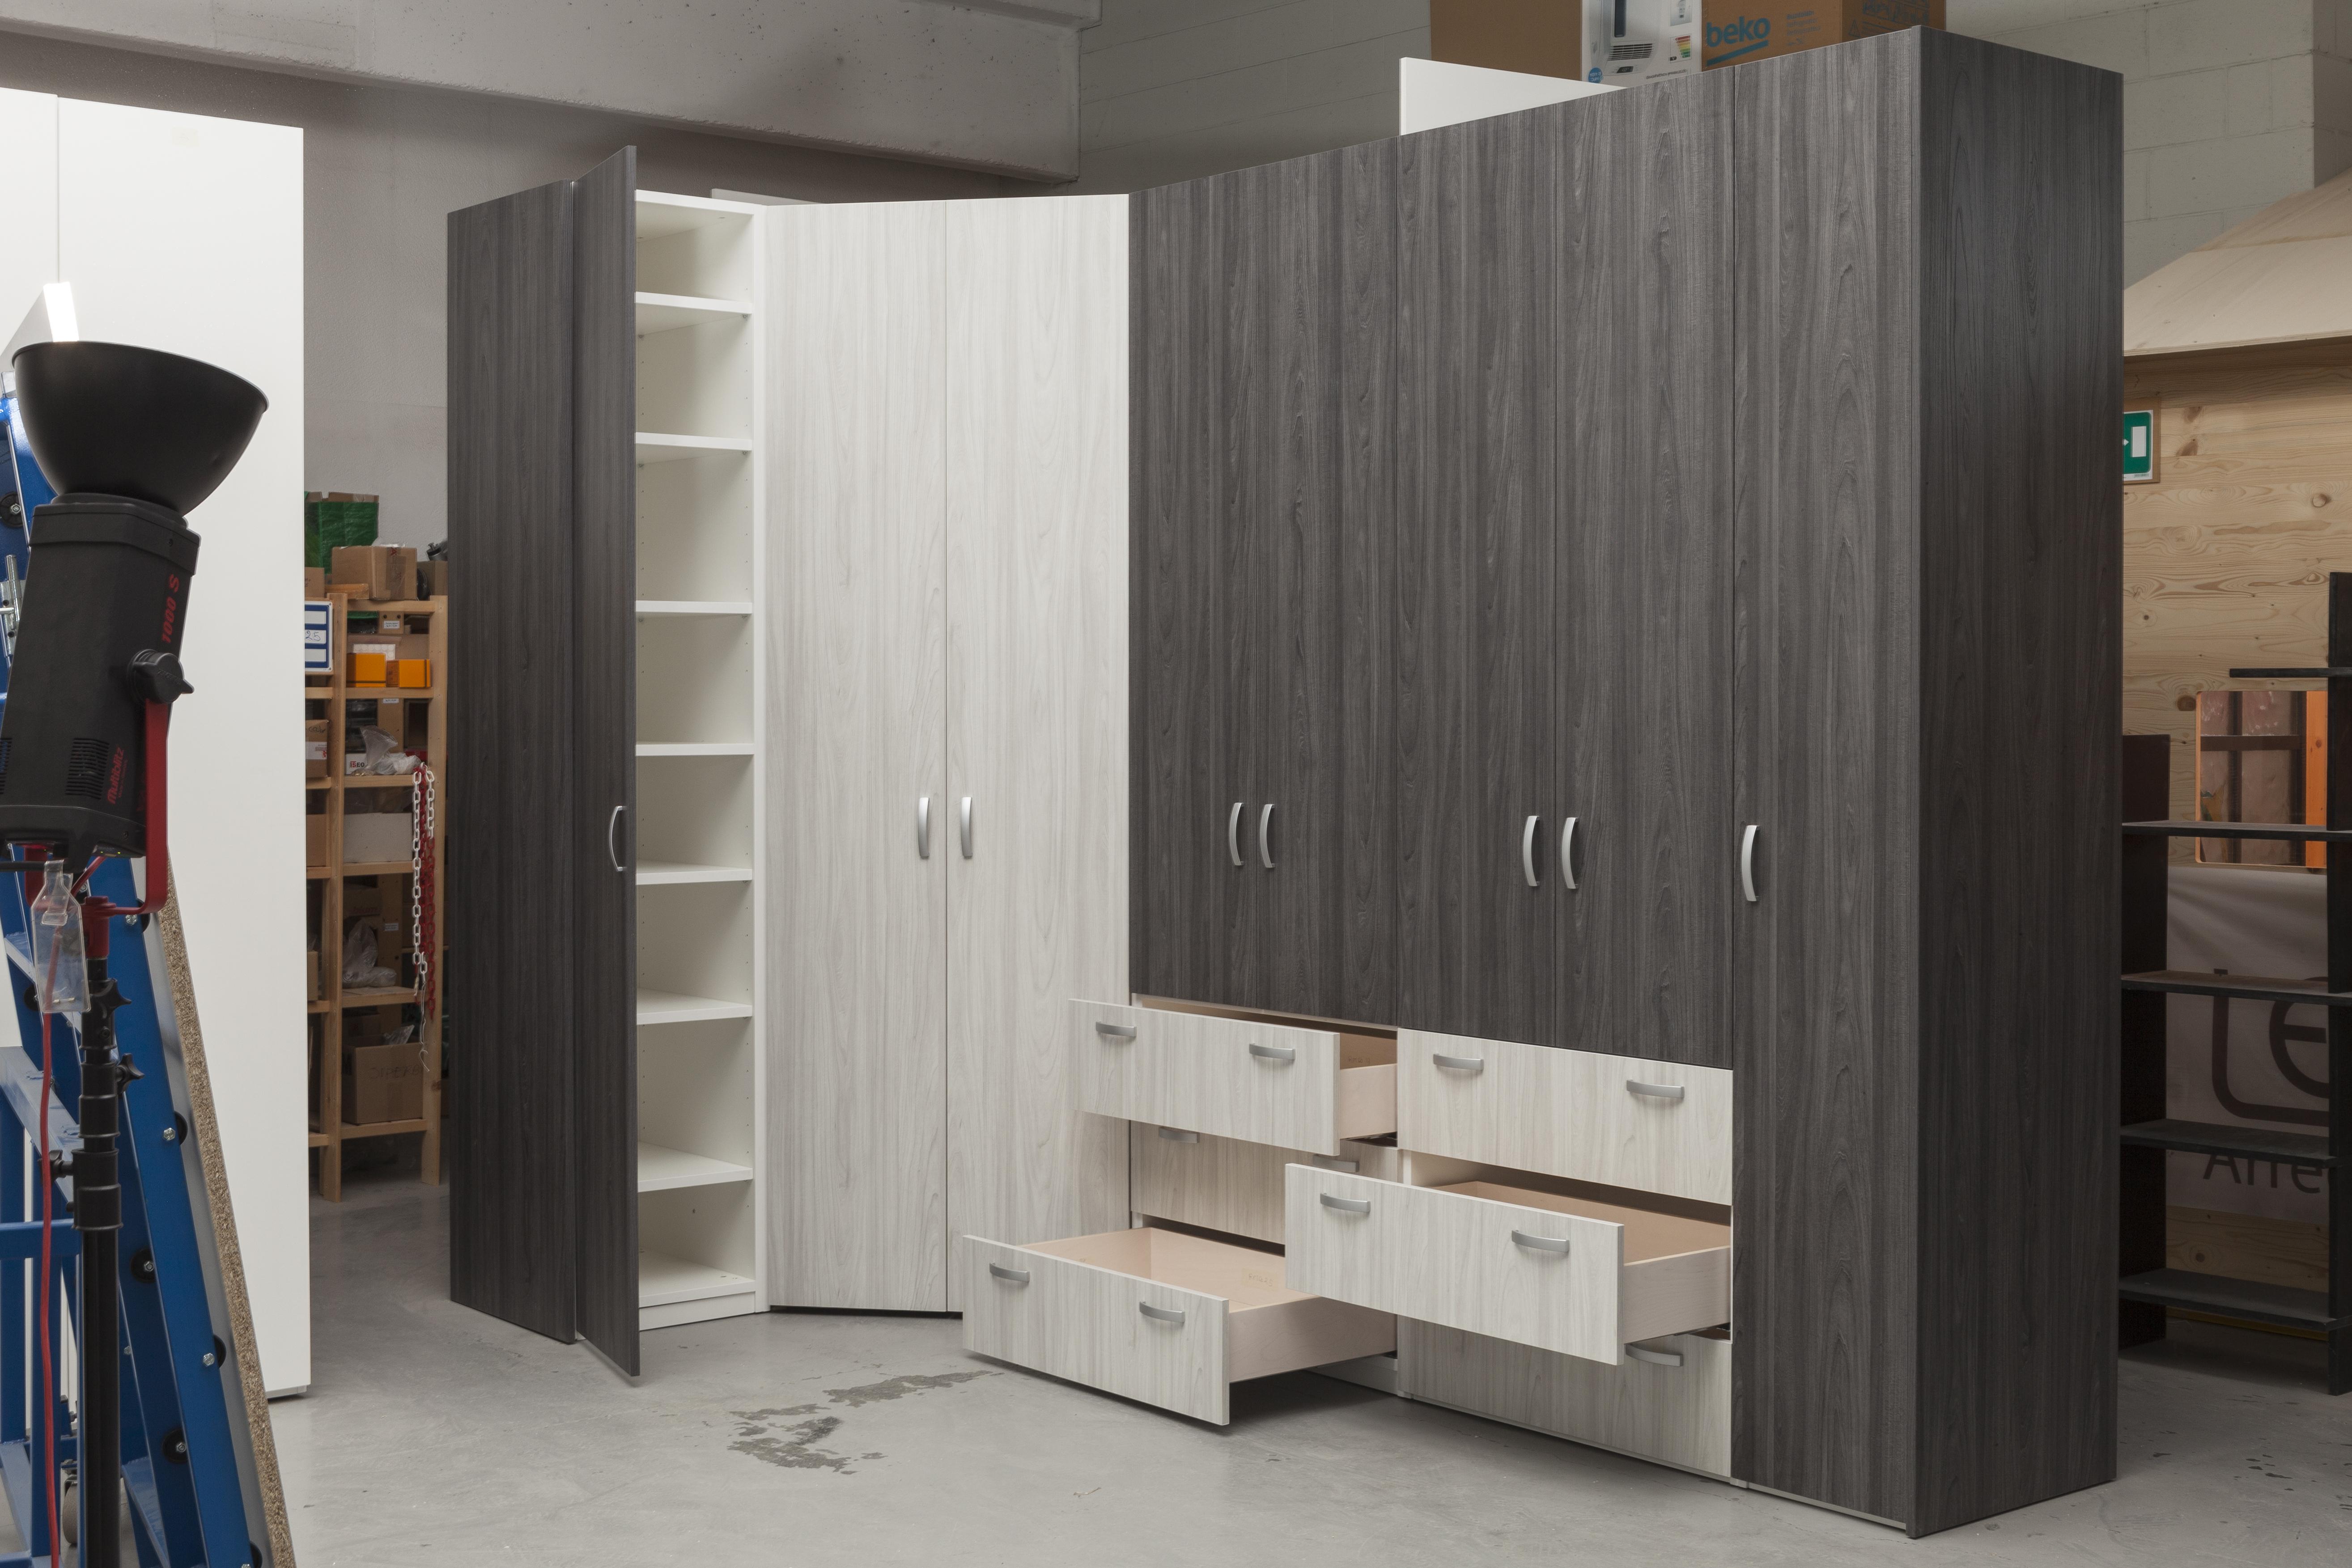 cabina armadio ang. 3